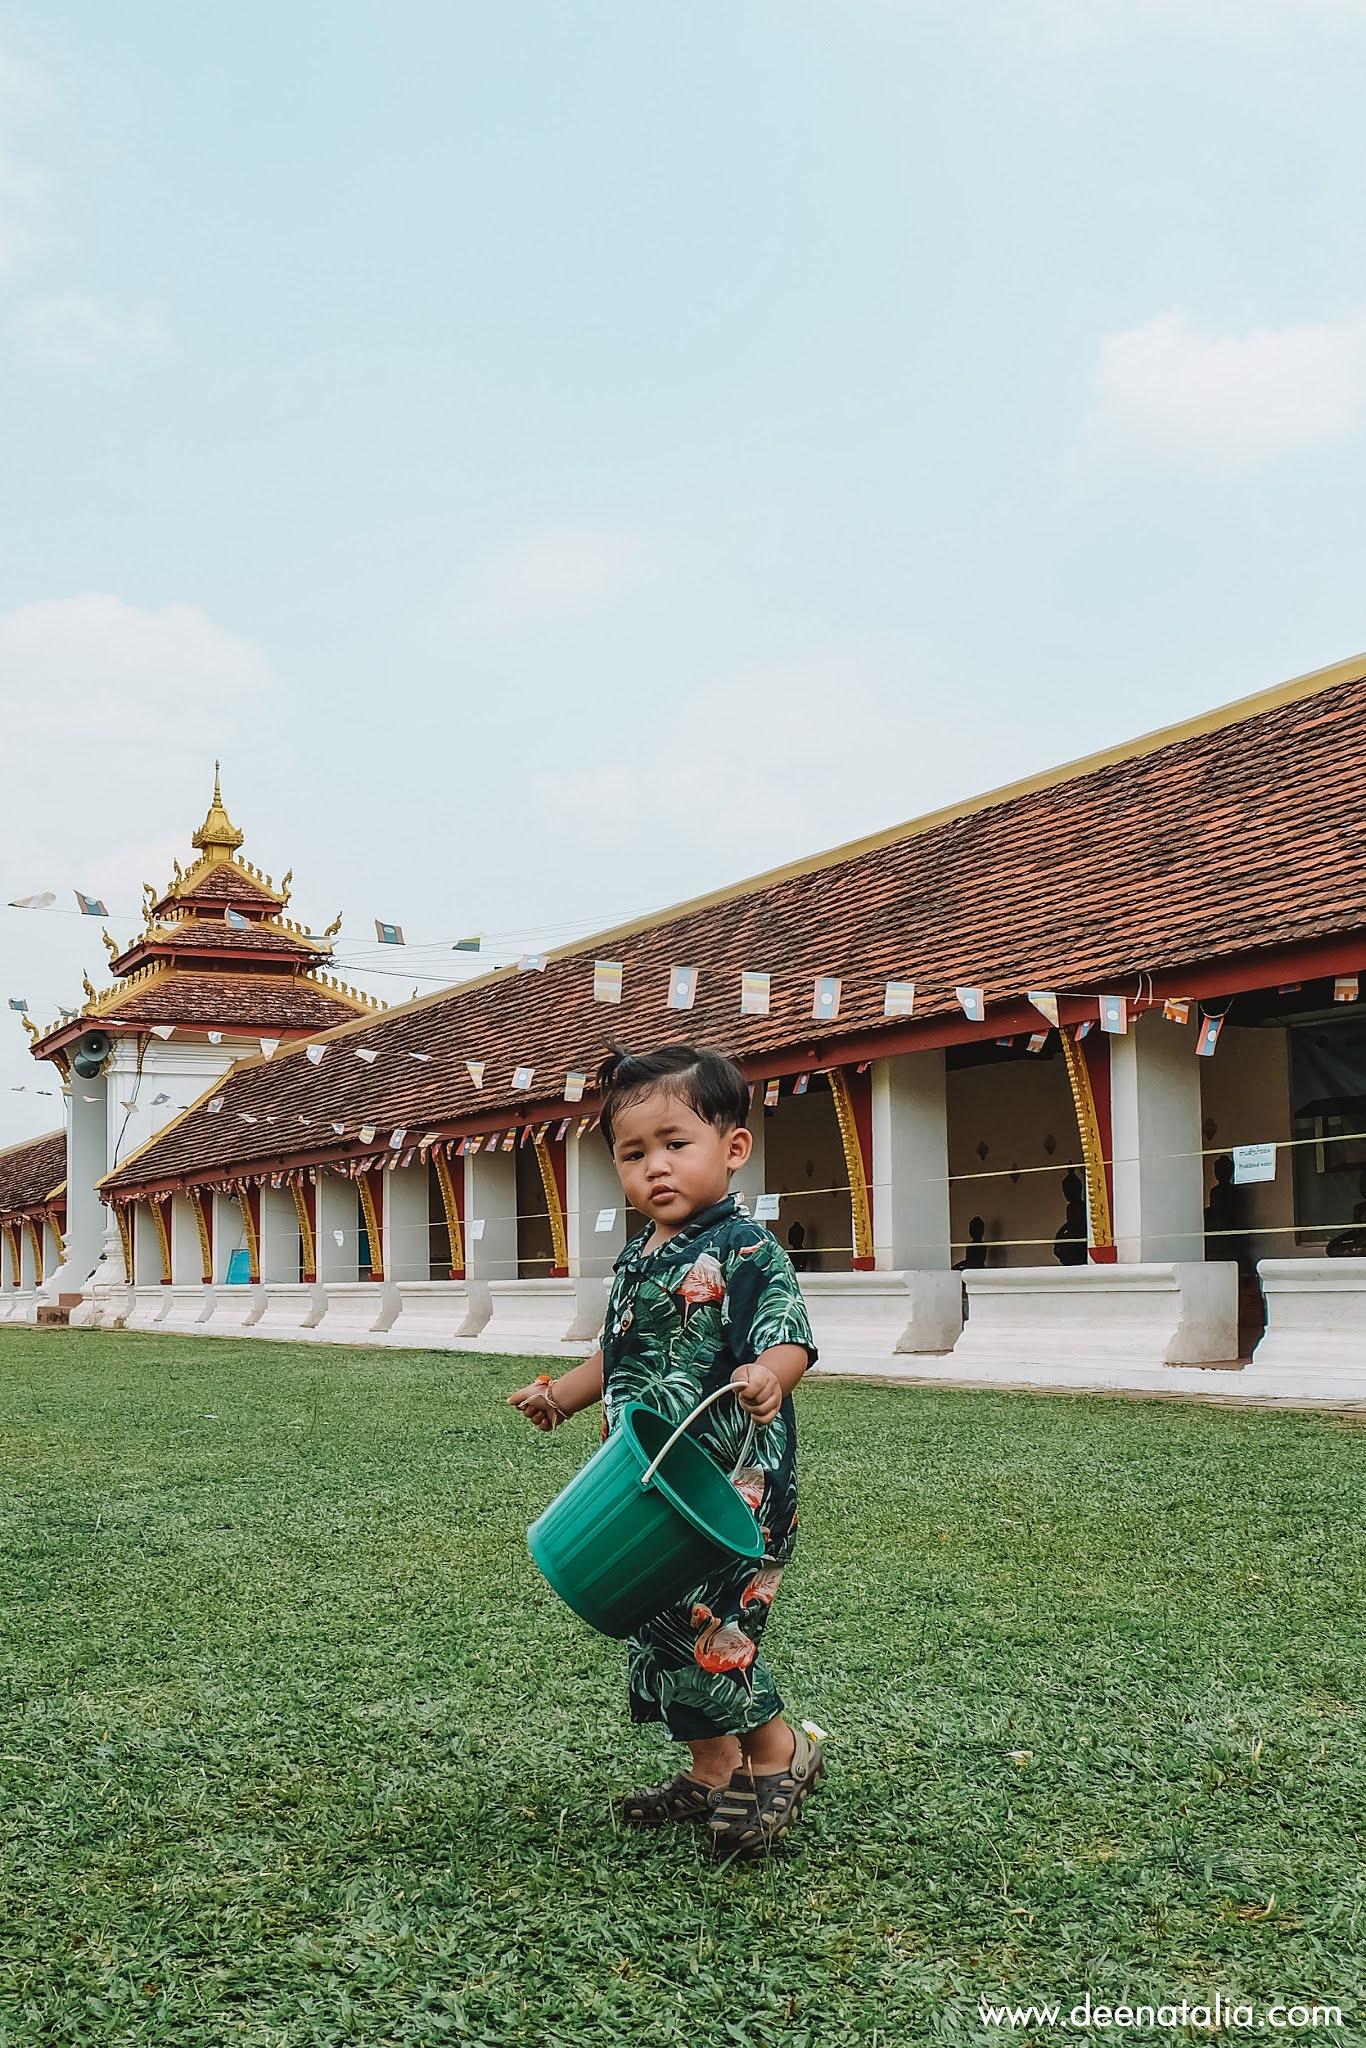 Lao kid